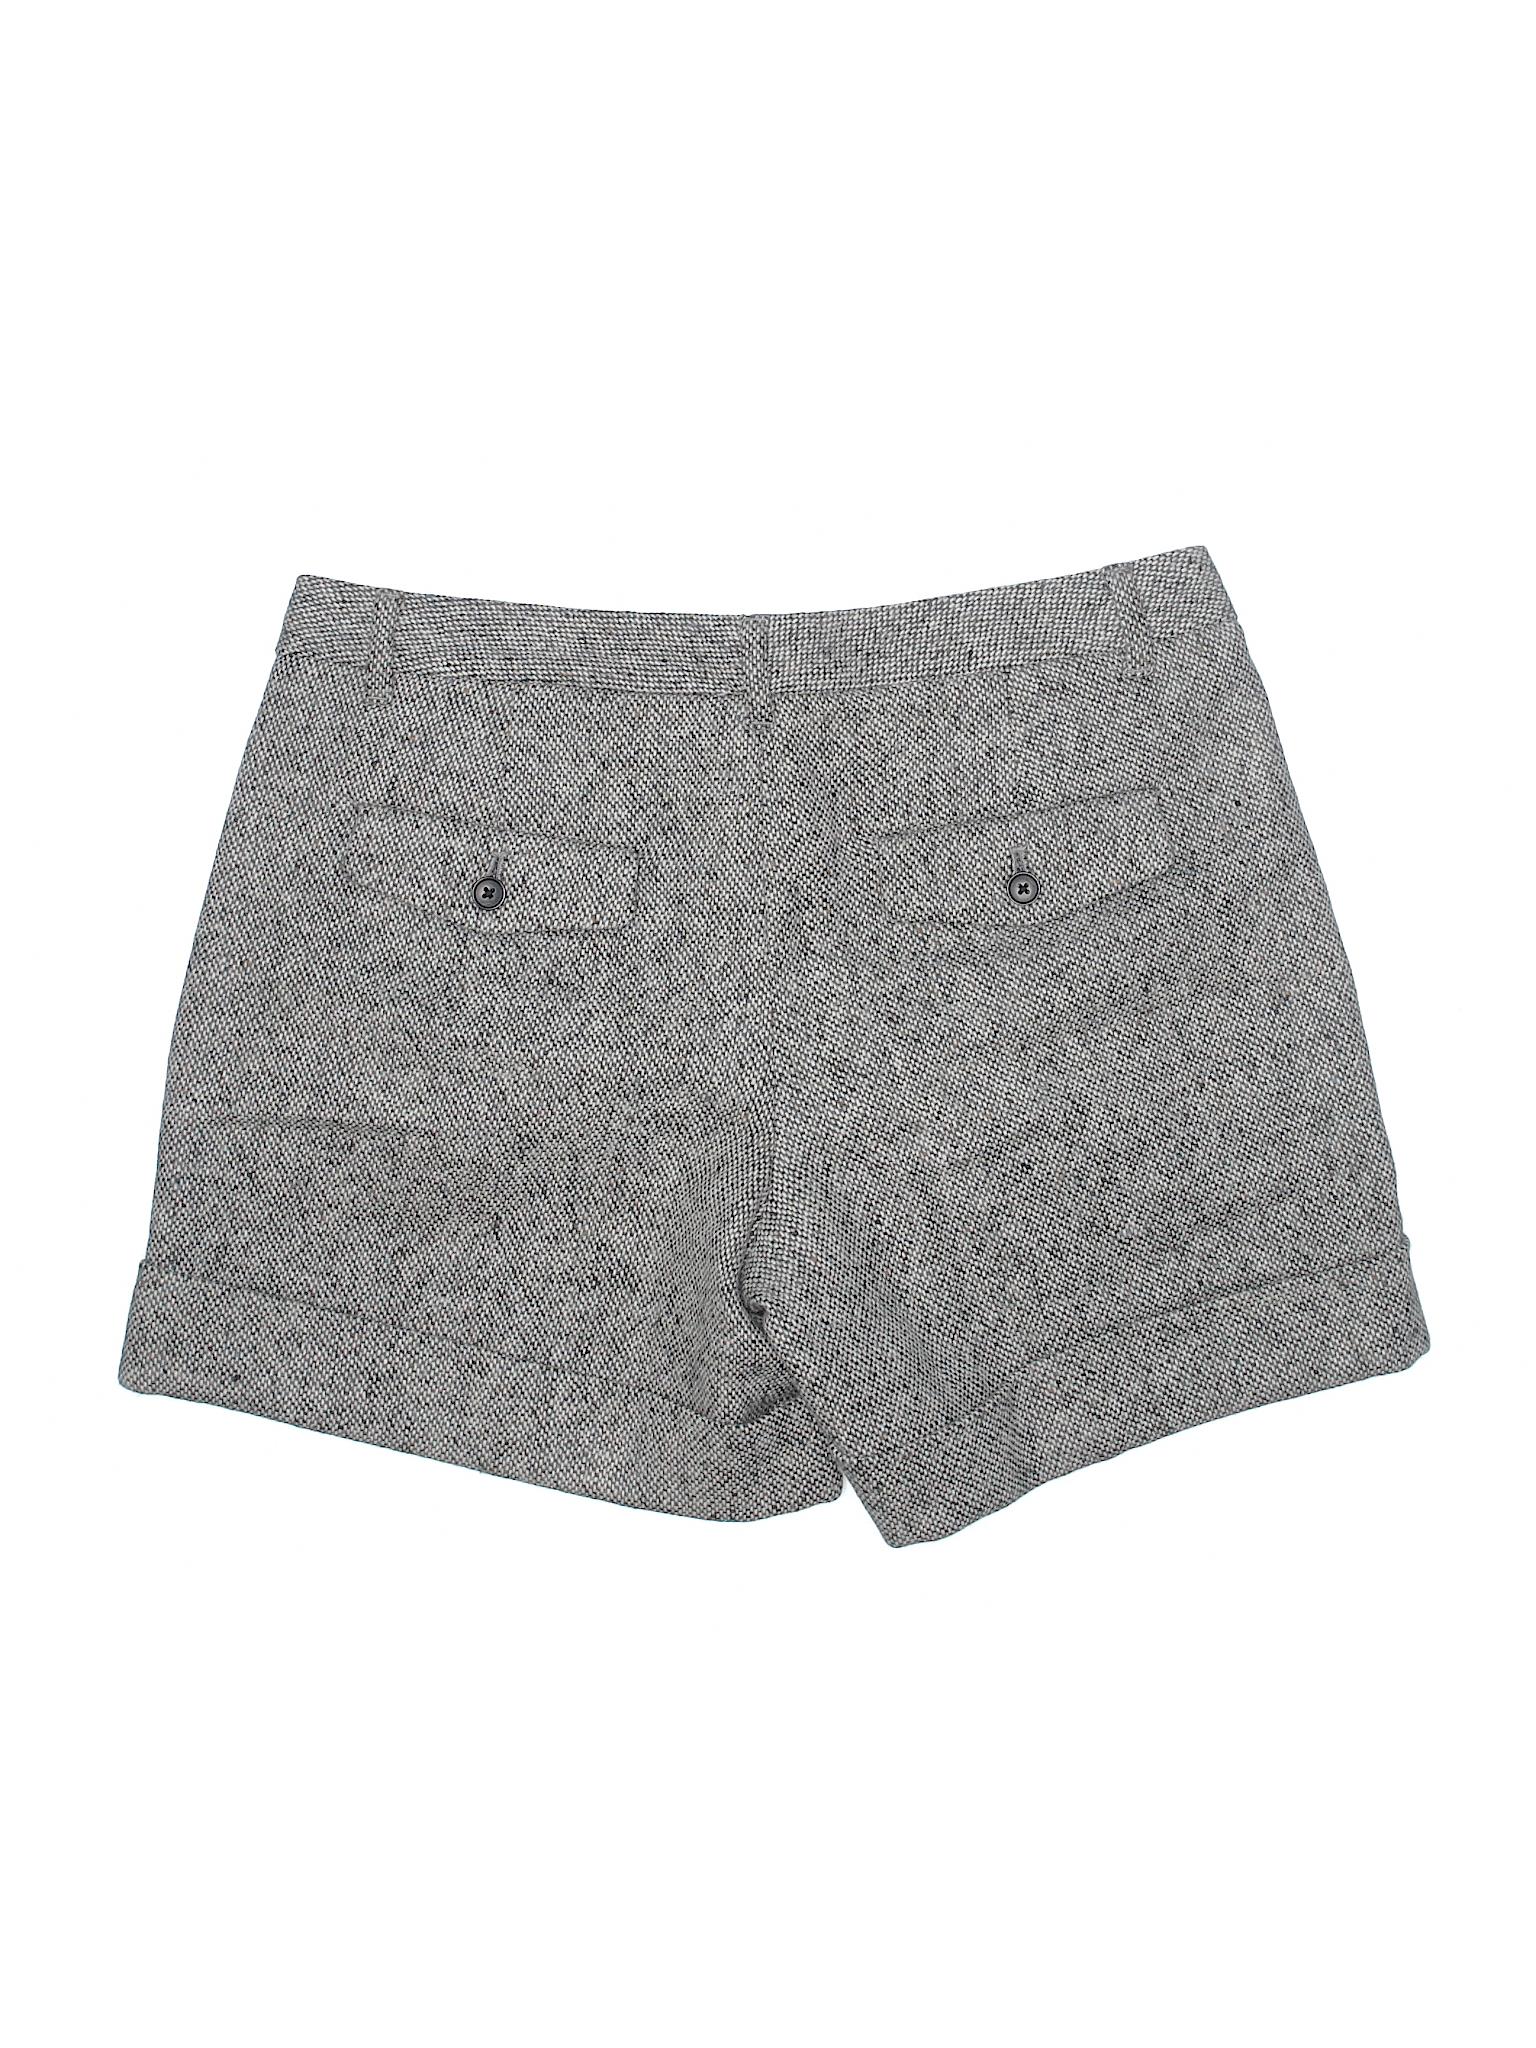 Boutique Dressy Boutique Boutique Dressy Shorts Gap Gap Shorts Gap nPTSxTXq